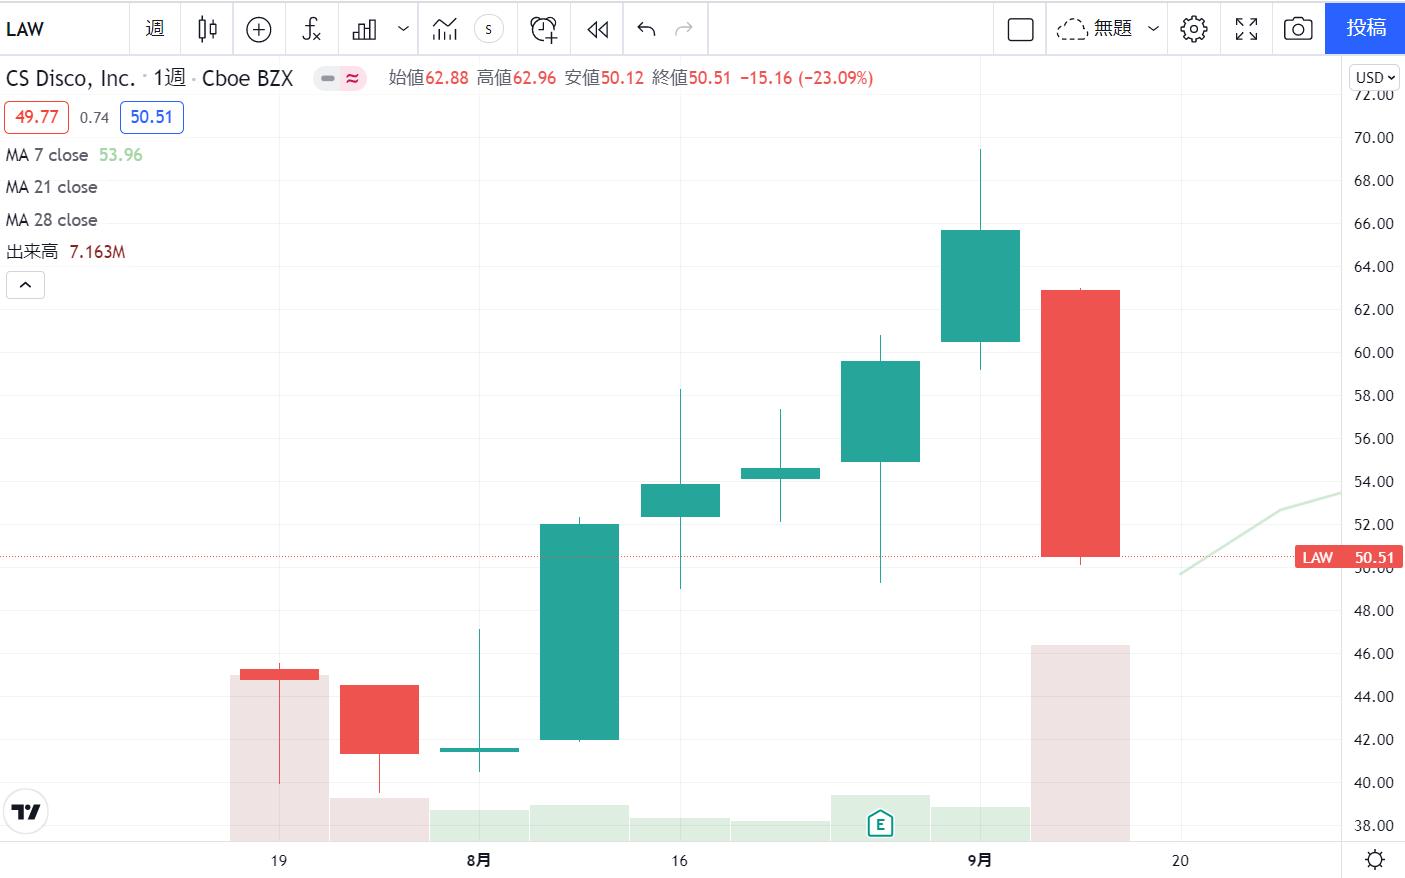 シーエスディスコCSDisco(LAW)の株価チャート(週足)